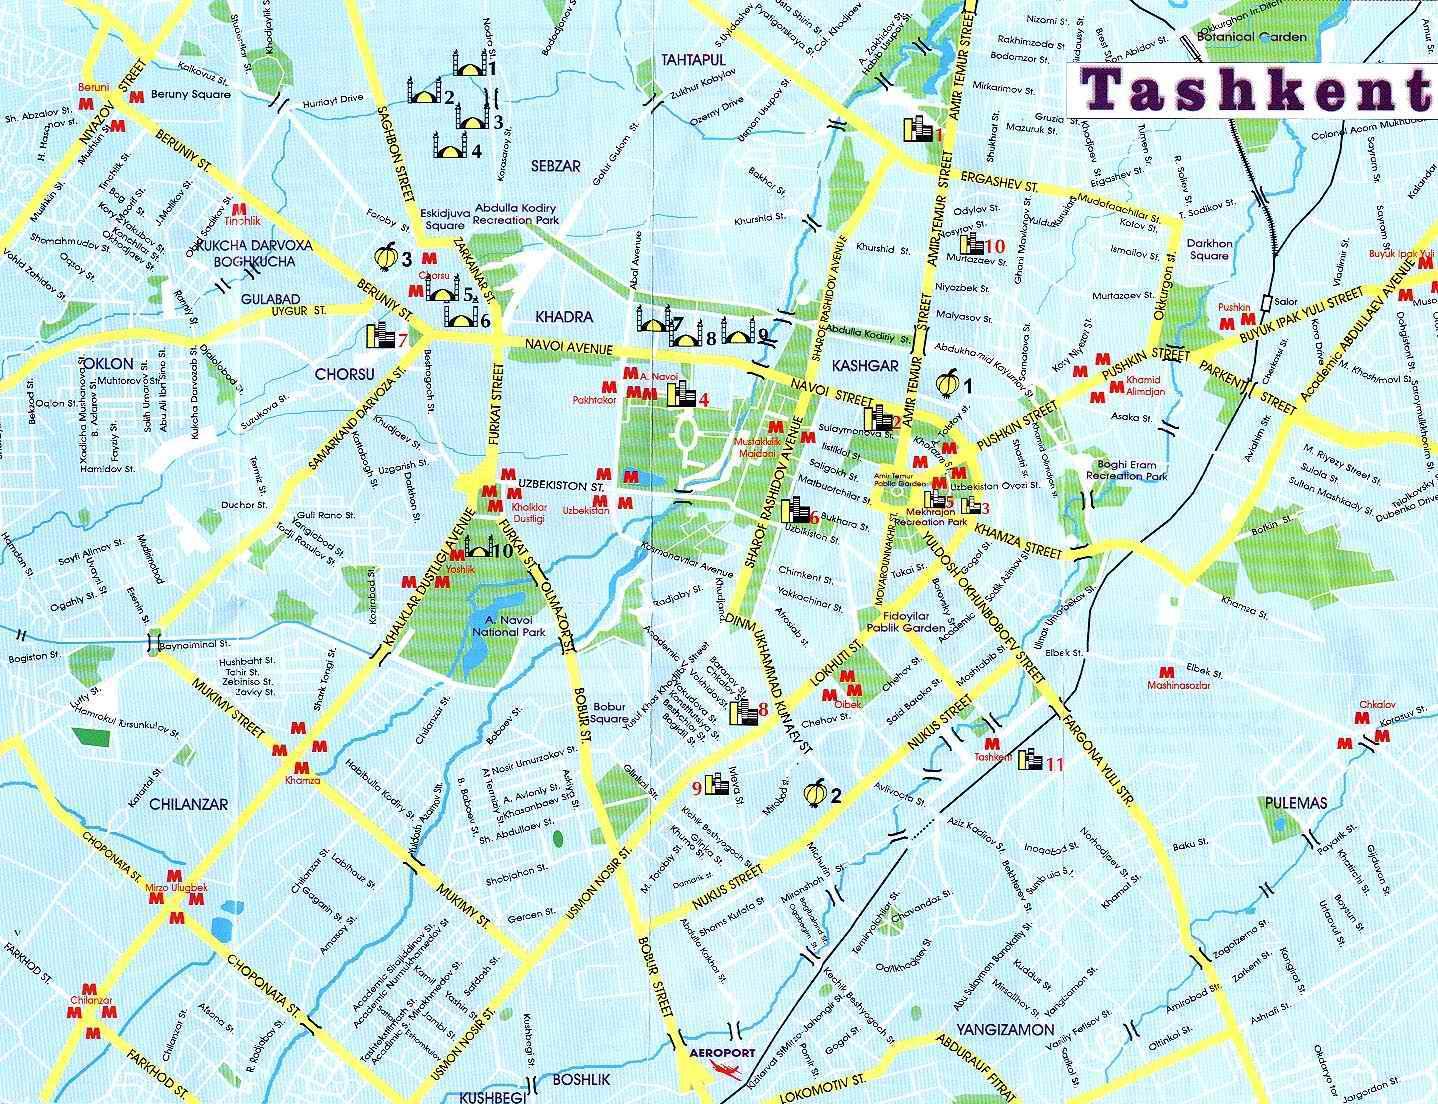 Mapa de Tashkent